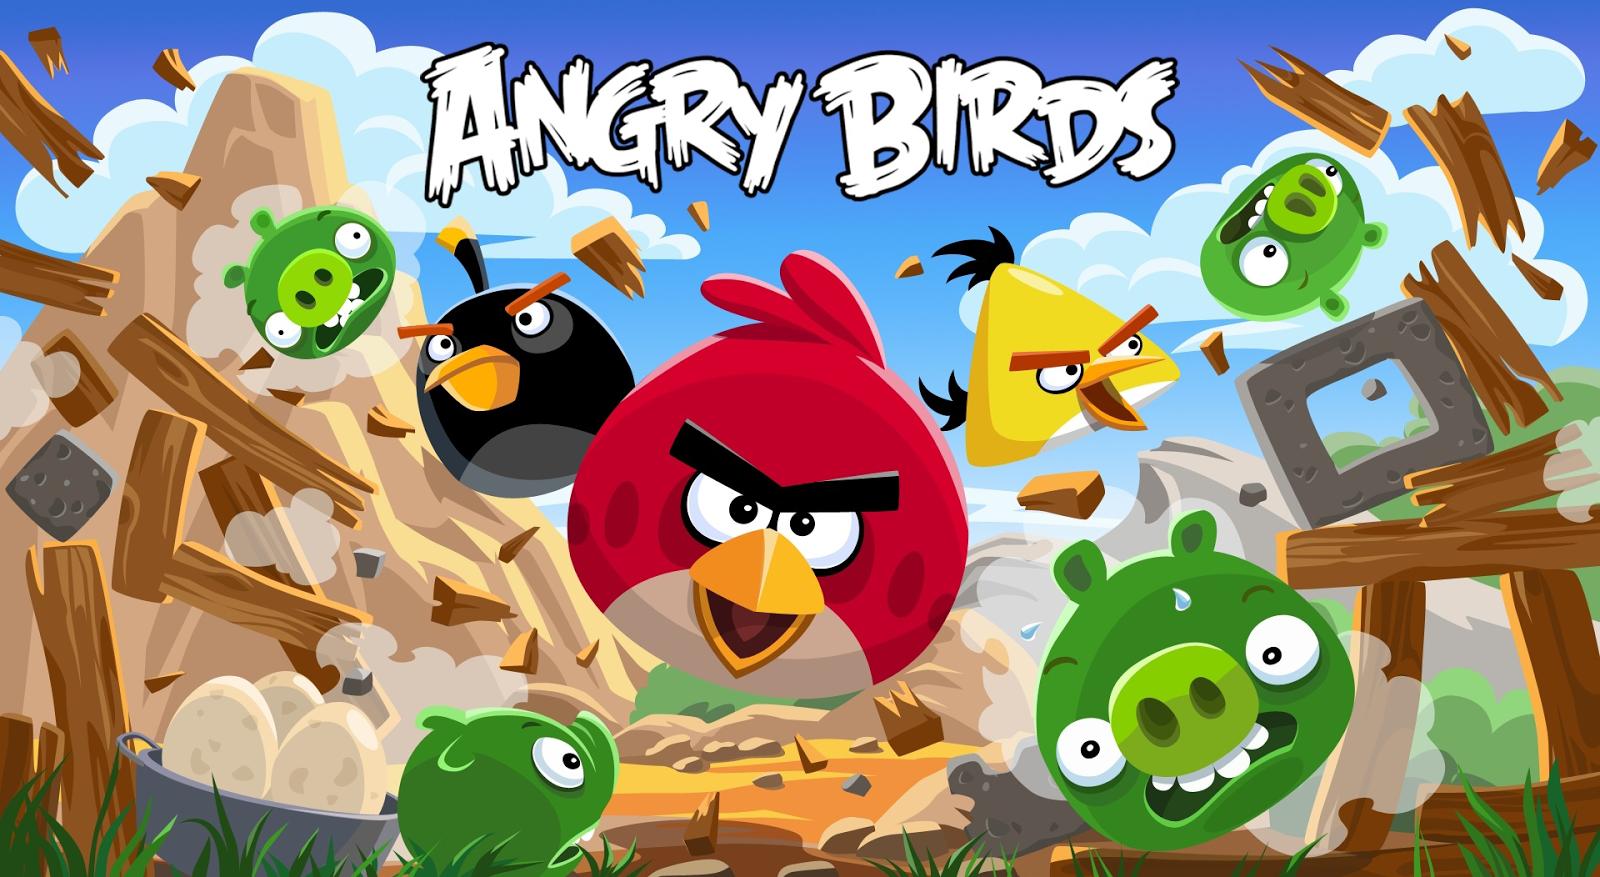 hình nền 3d games angry birds đẹp nhất